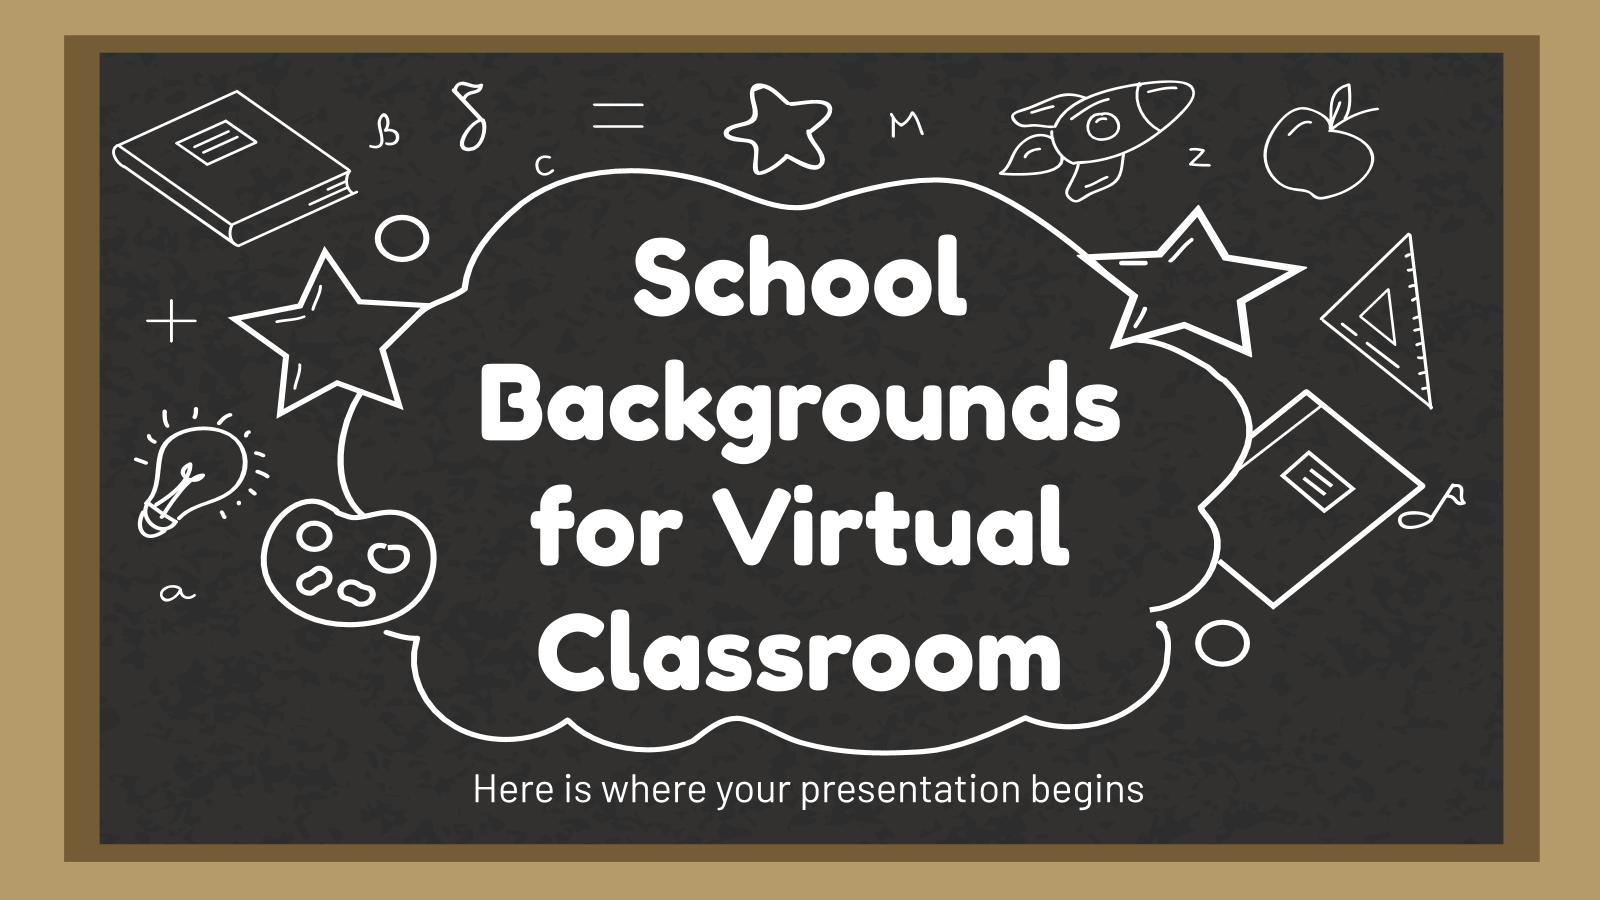 Modelo de apresentação Plano de fundo de escola para aula virtual